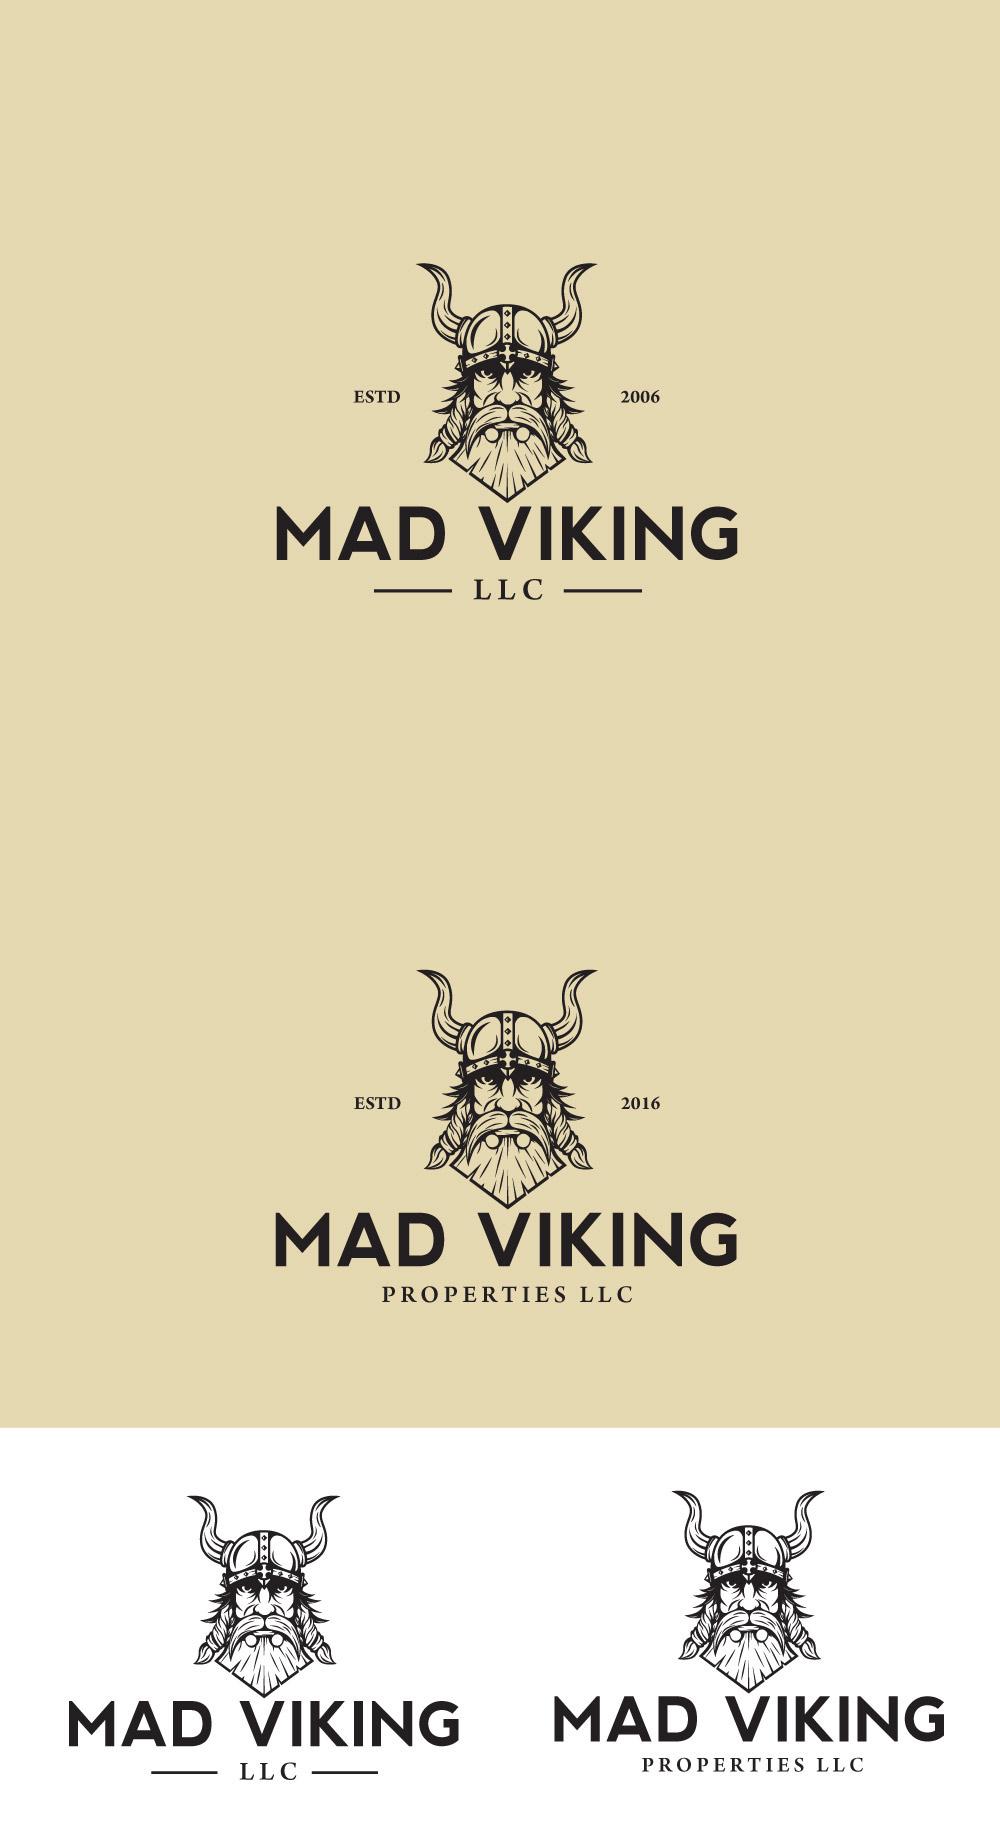 Logo design for MAD VIKING